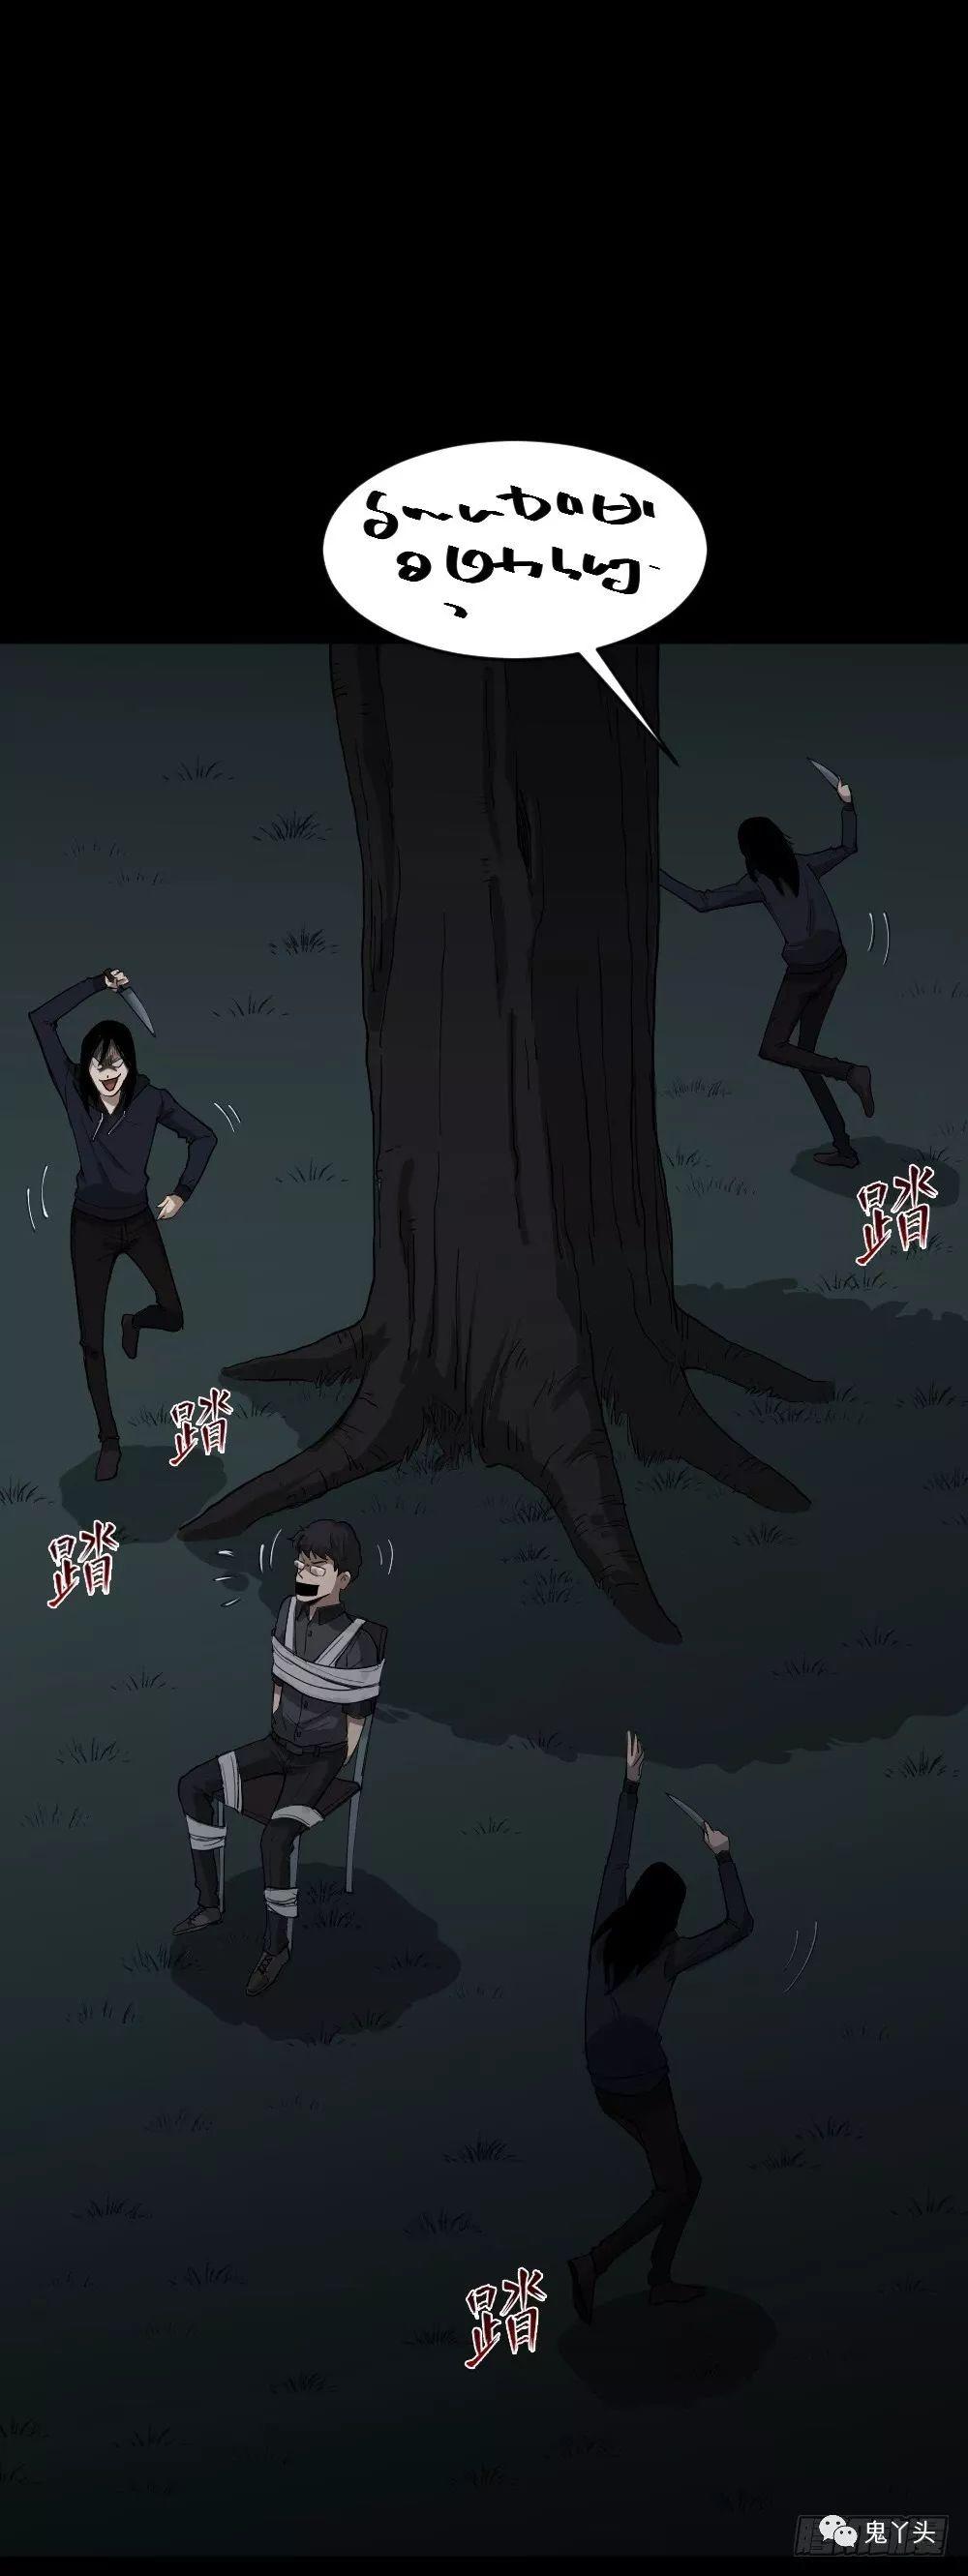 怪奇笔记之《树的报仇》